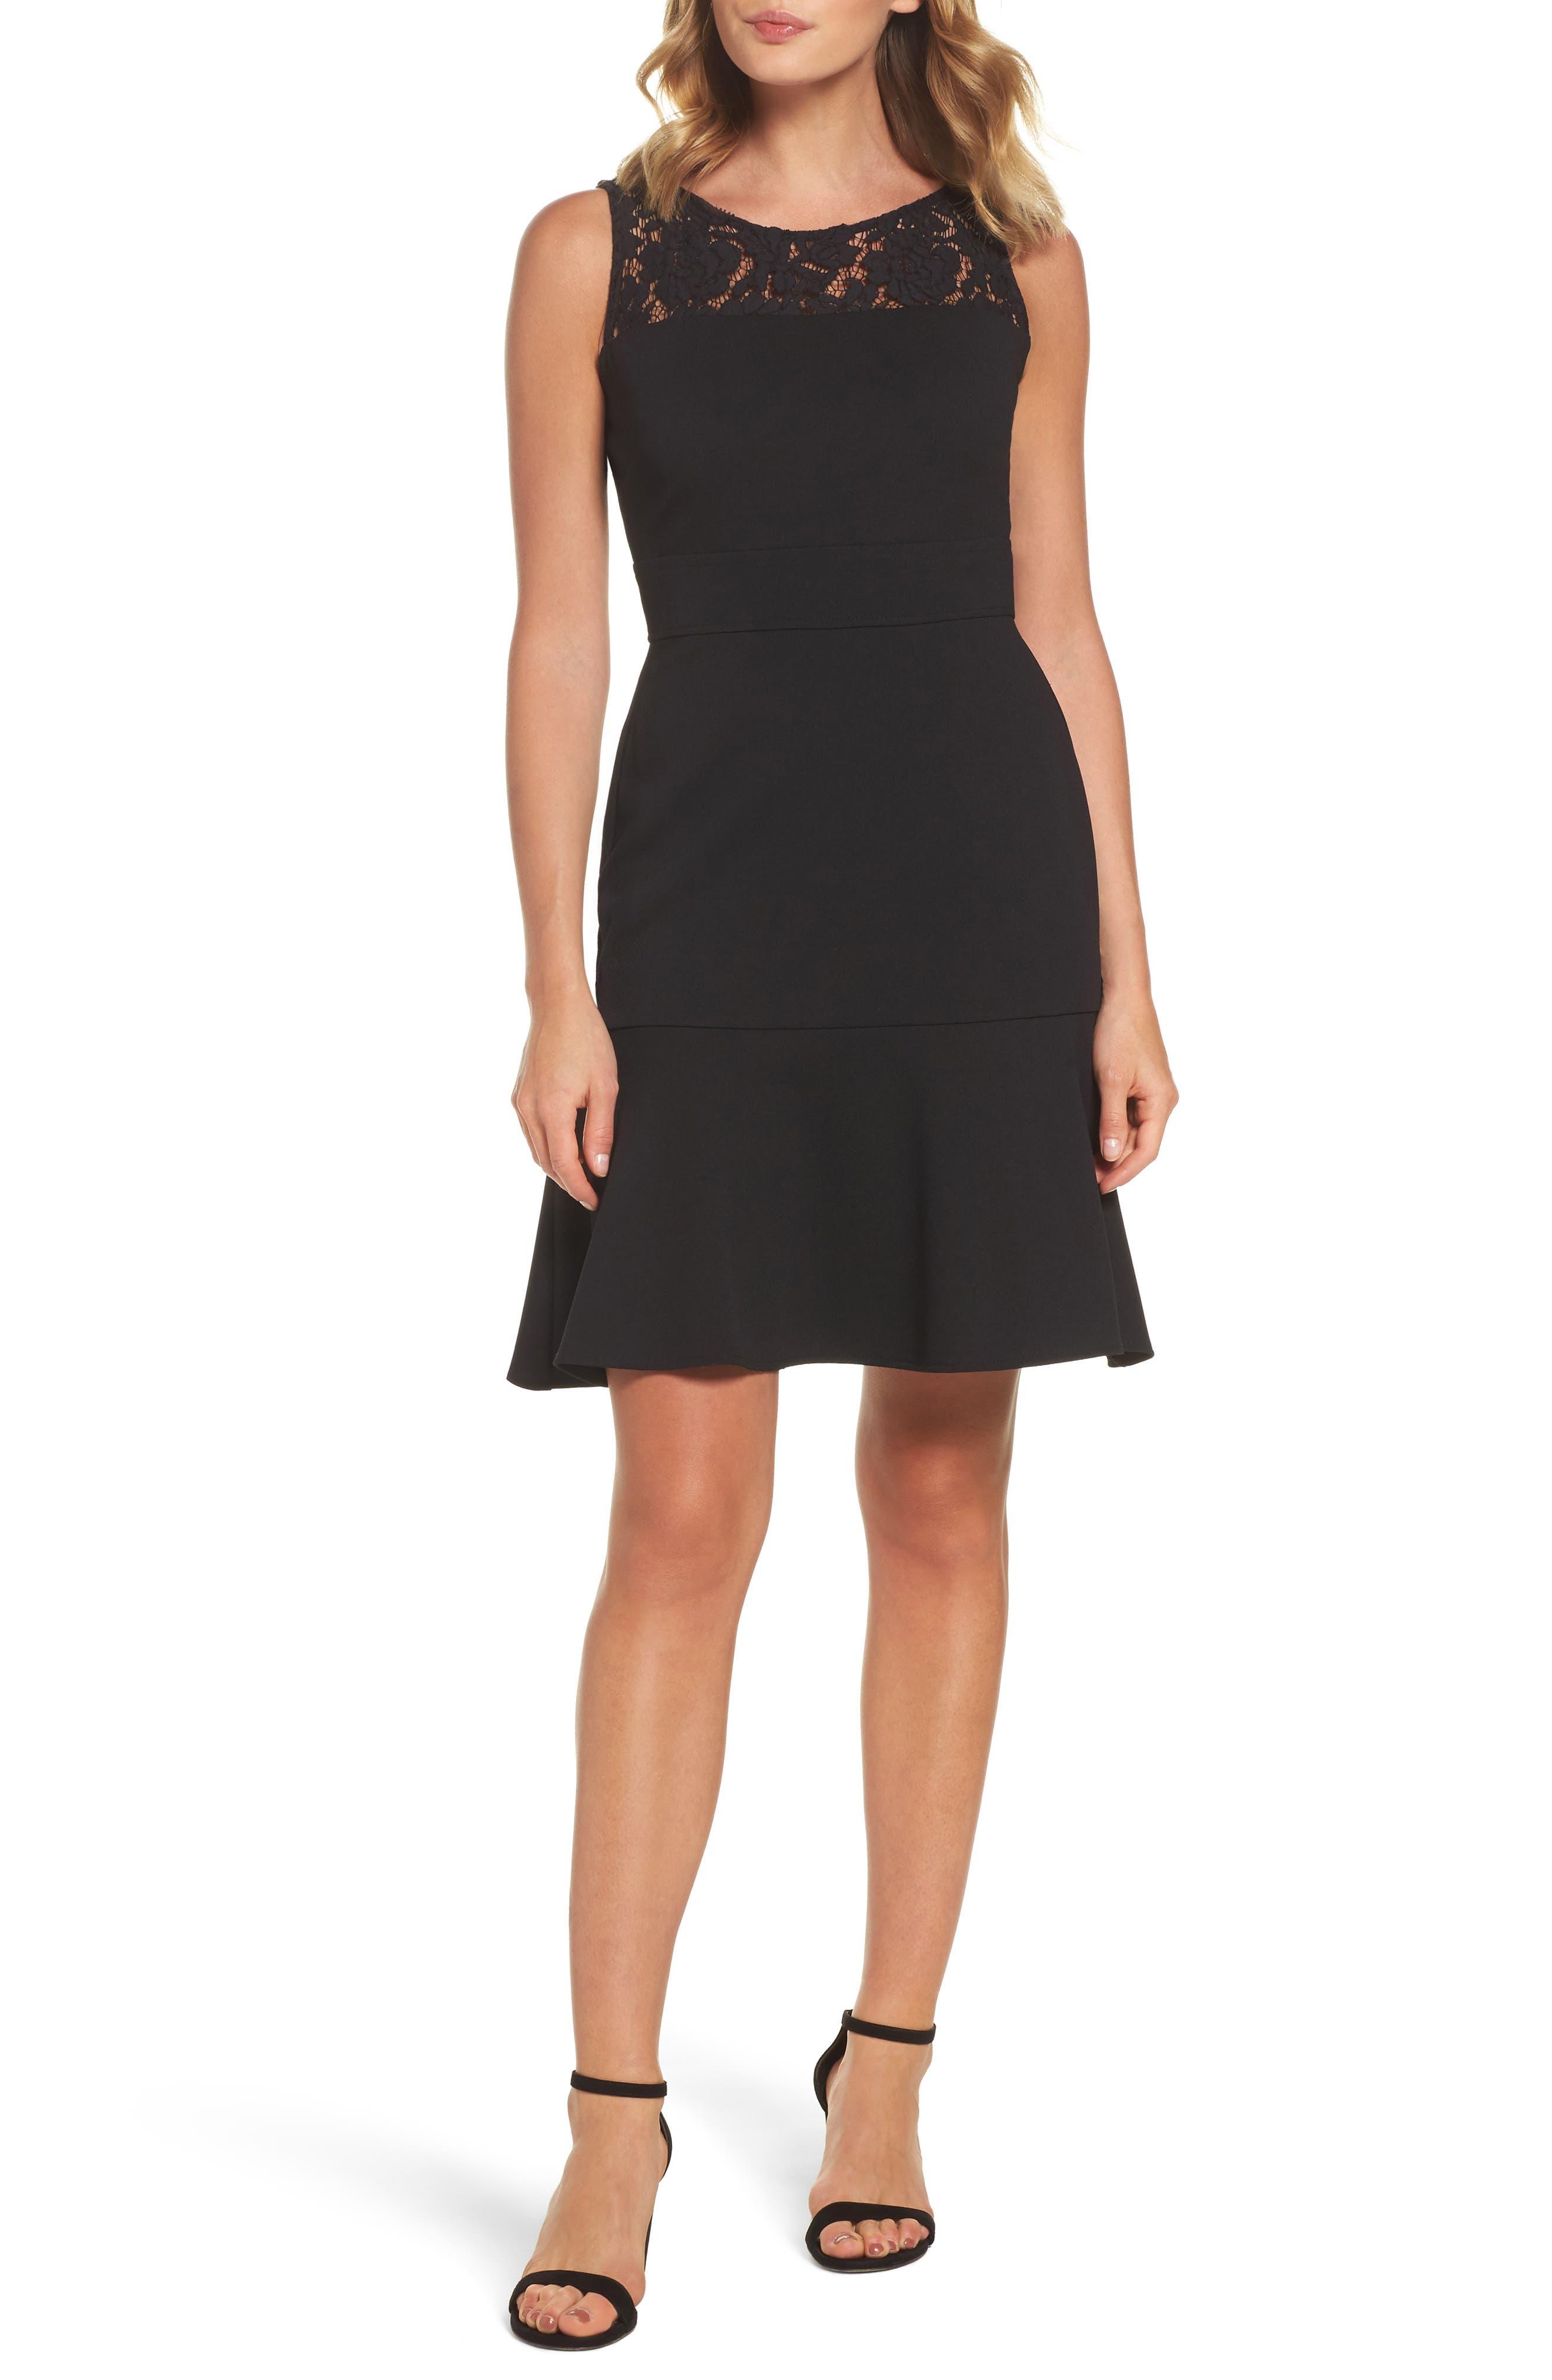 Taylor Dresses Lace Flounce Dress